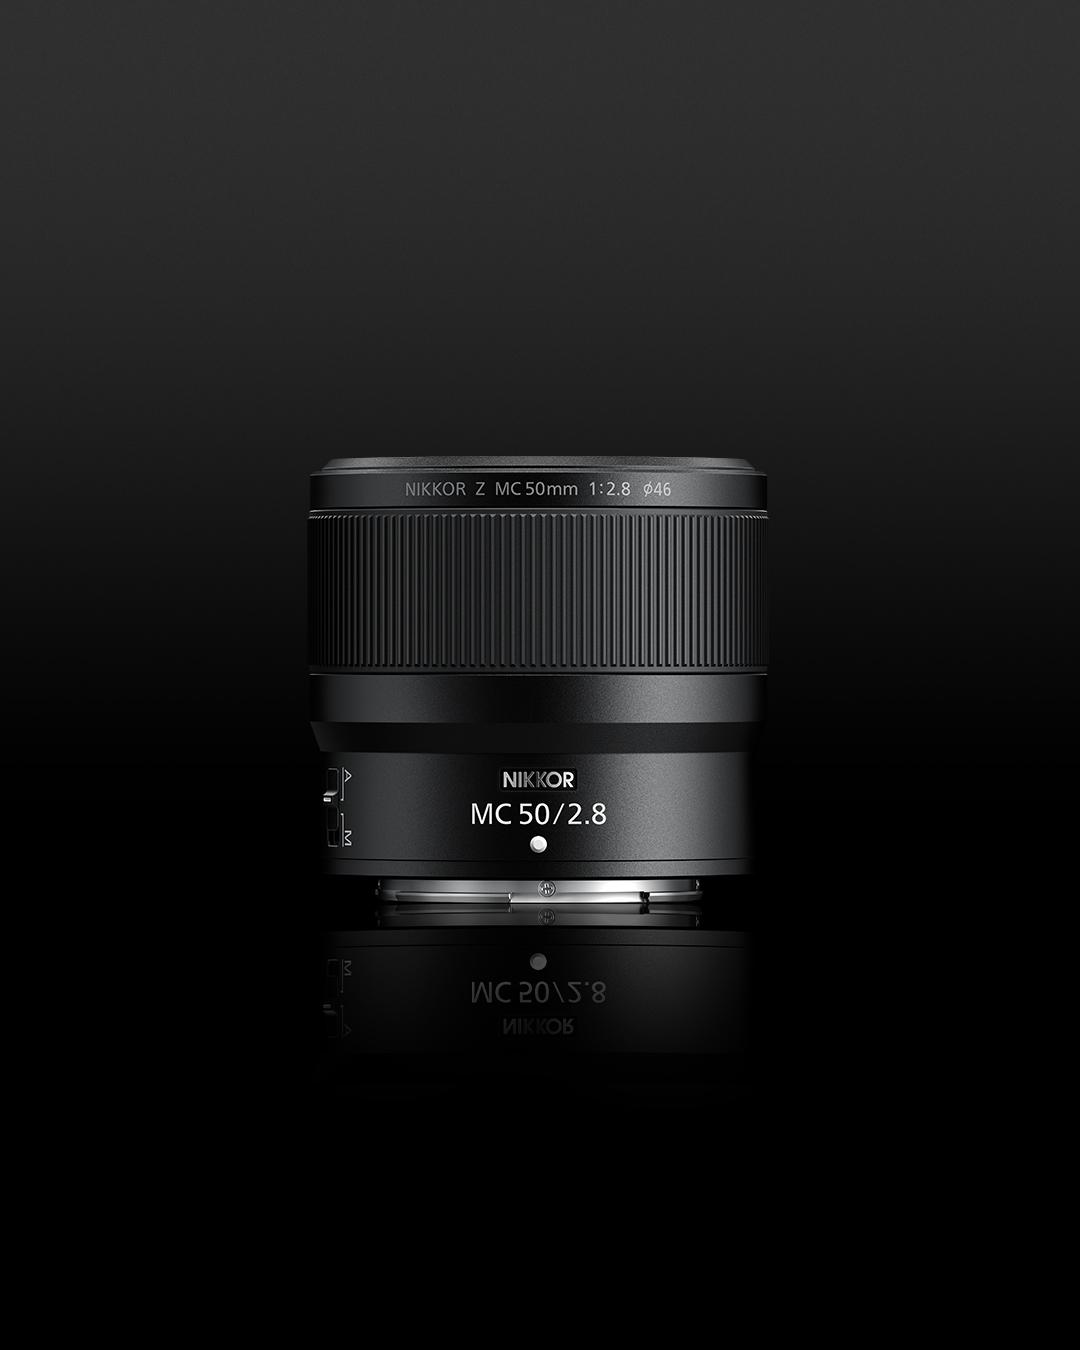 Nikon Nikkor Z MC 50mm f/2.8